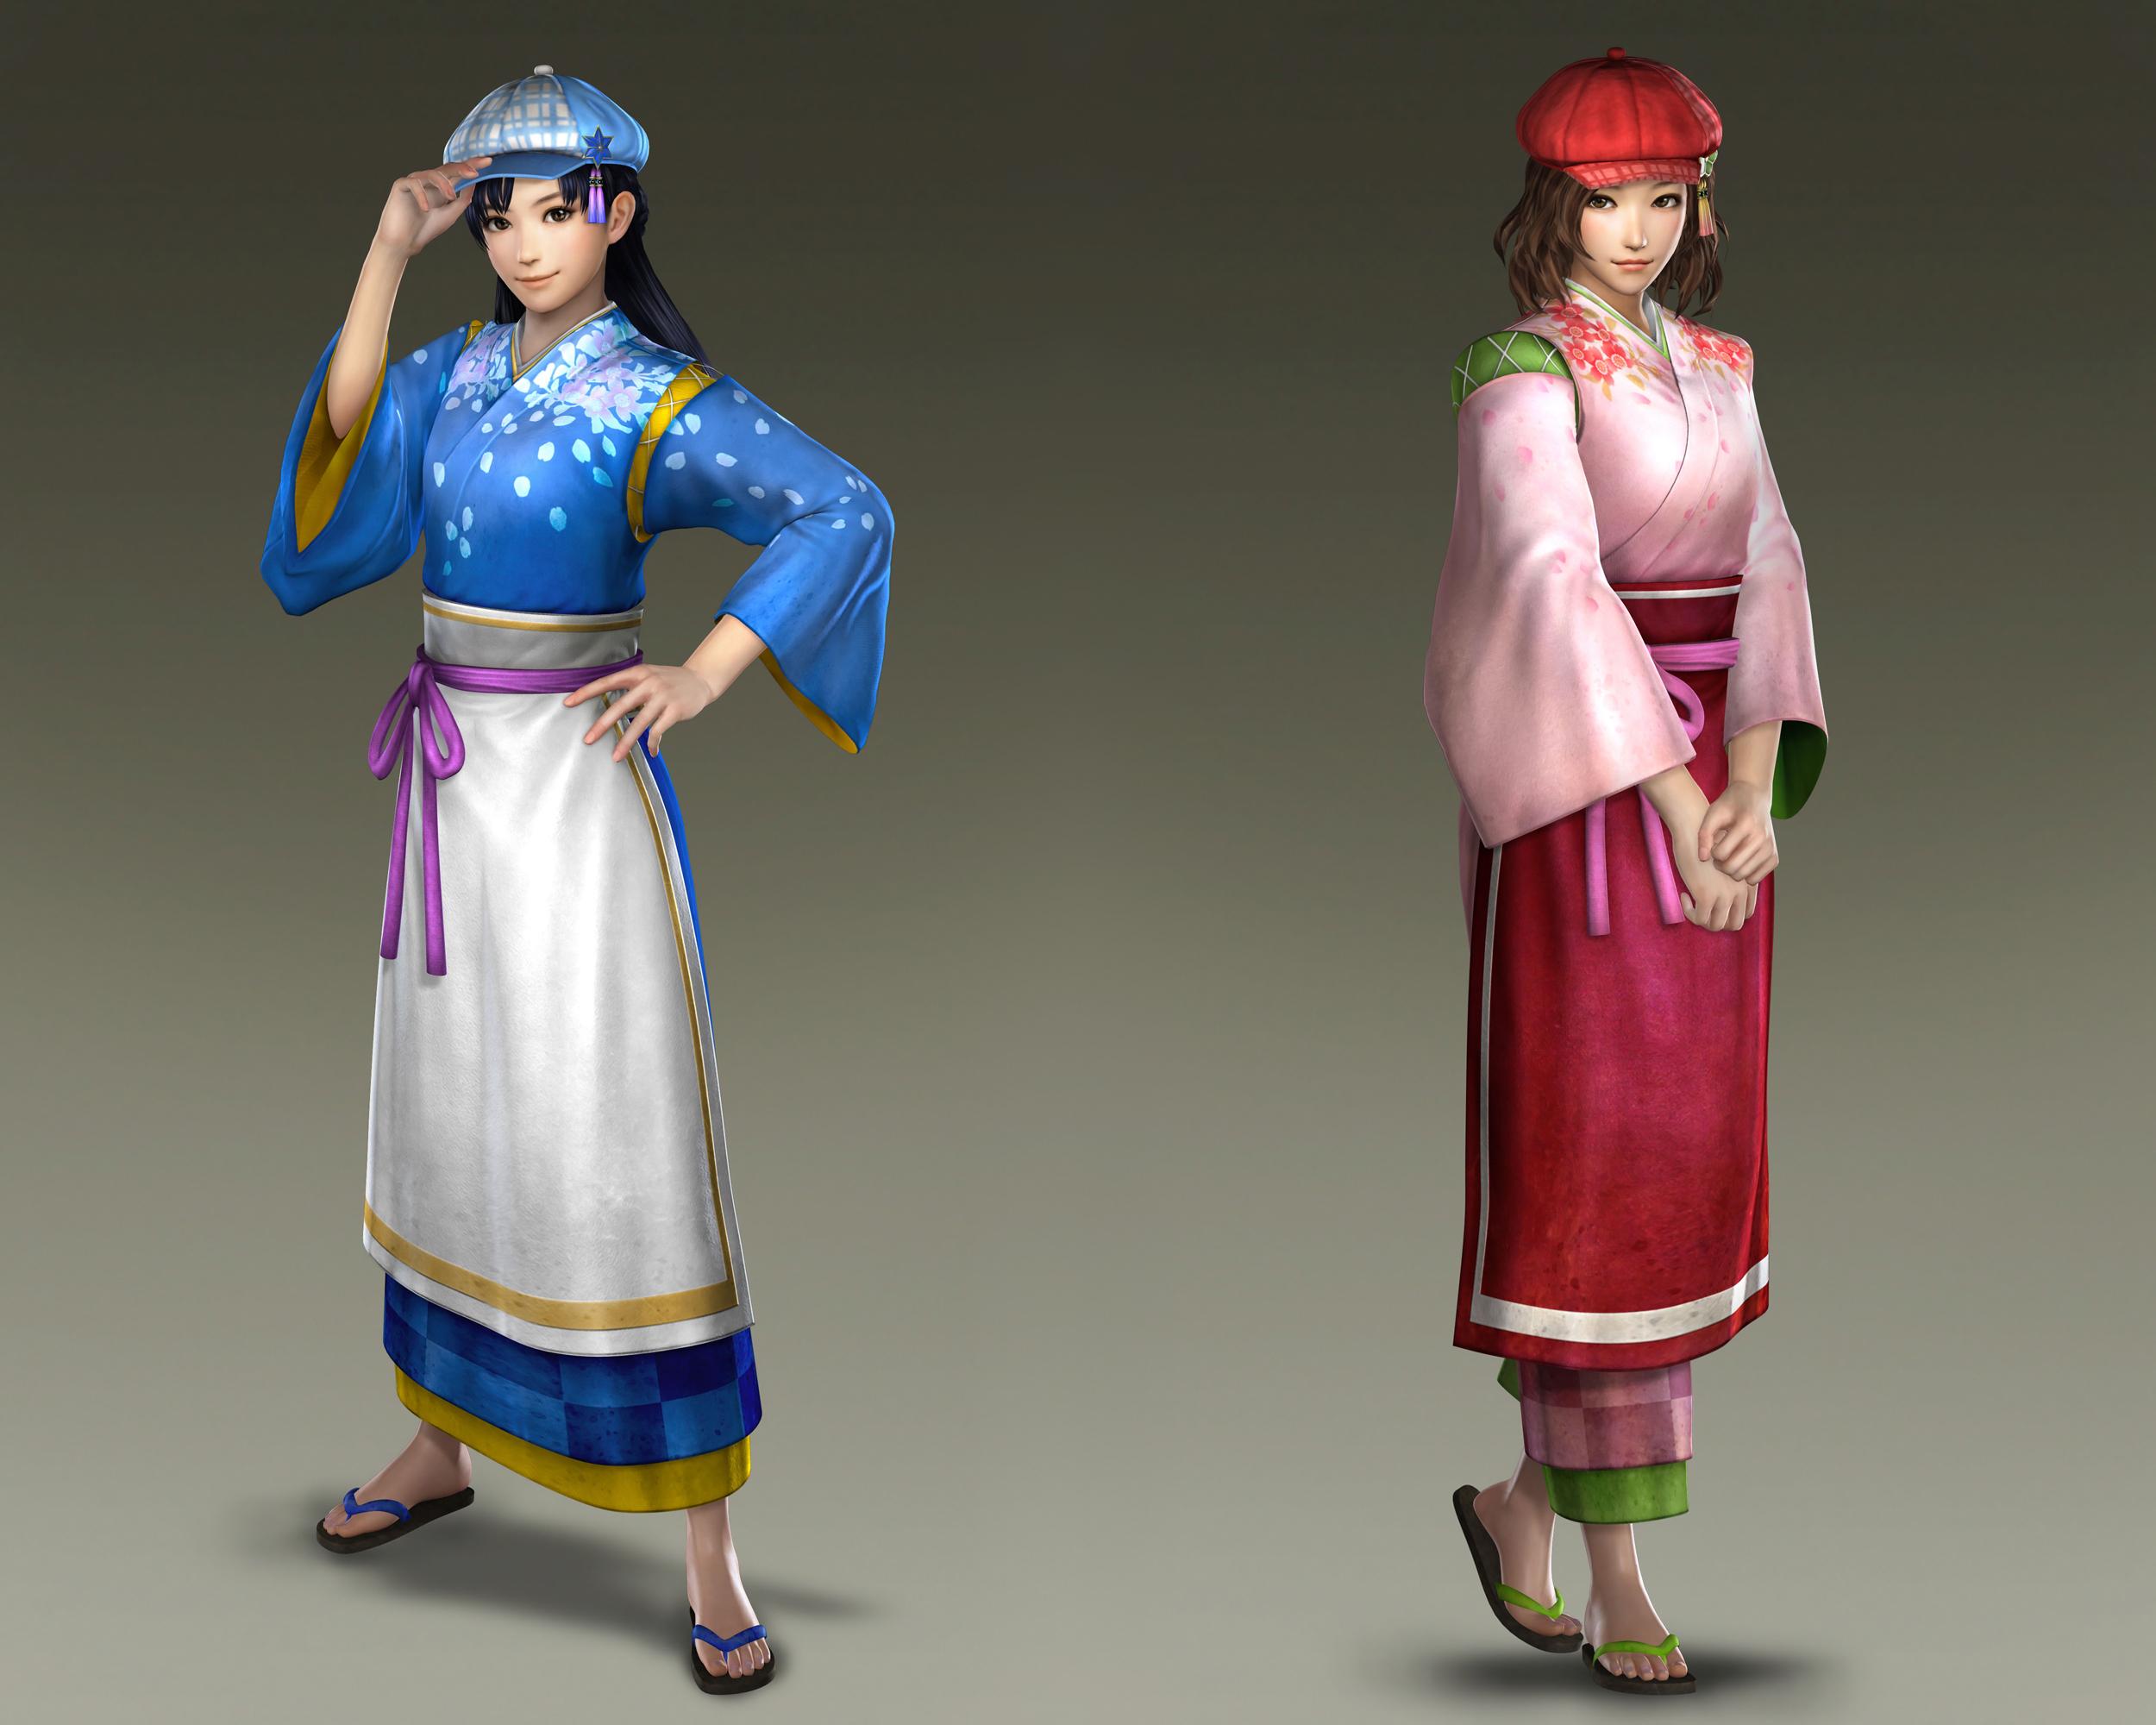 Mio and Miyu